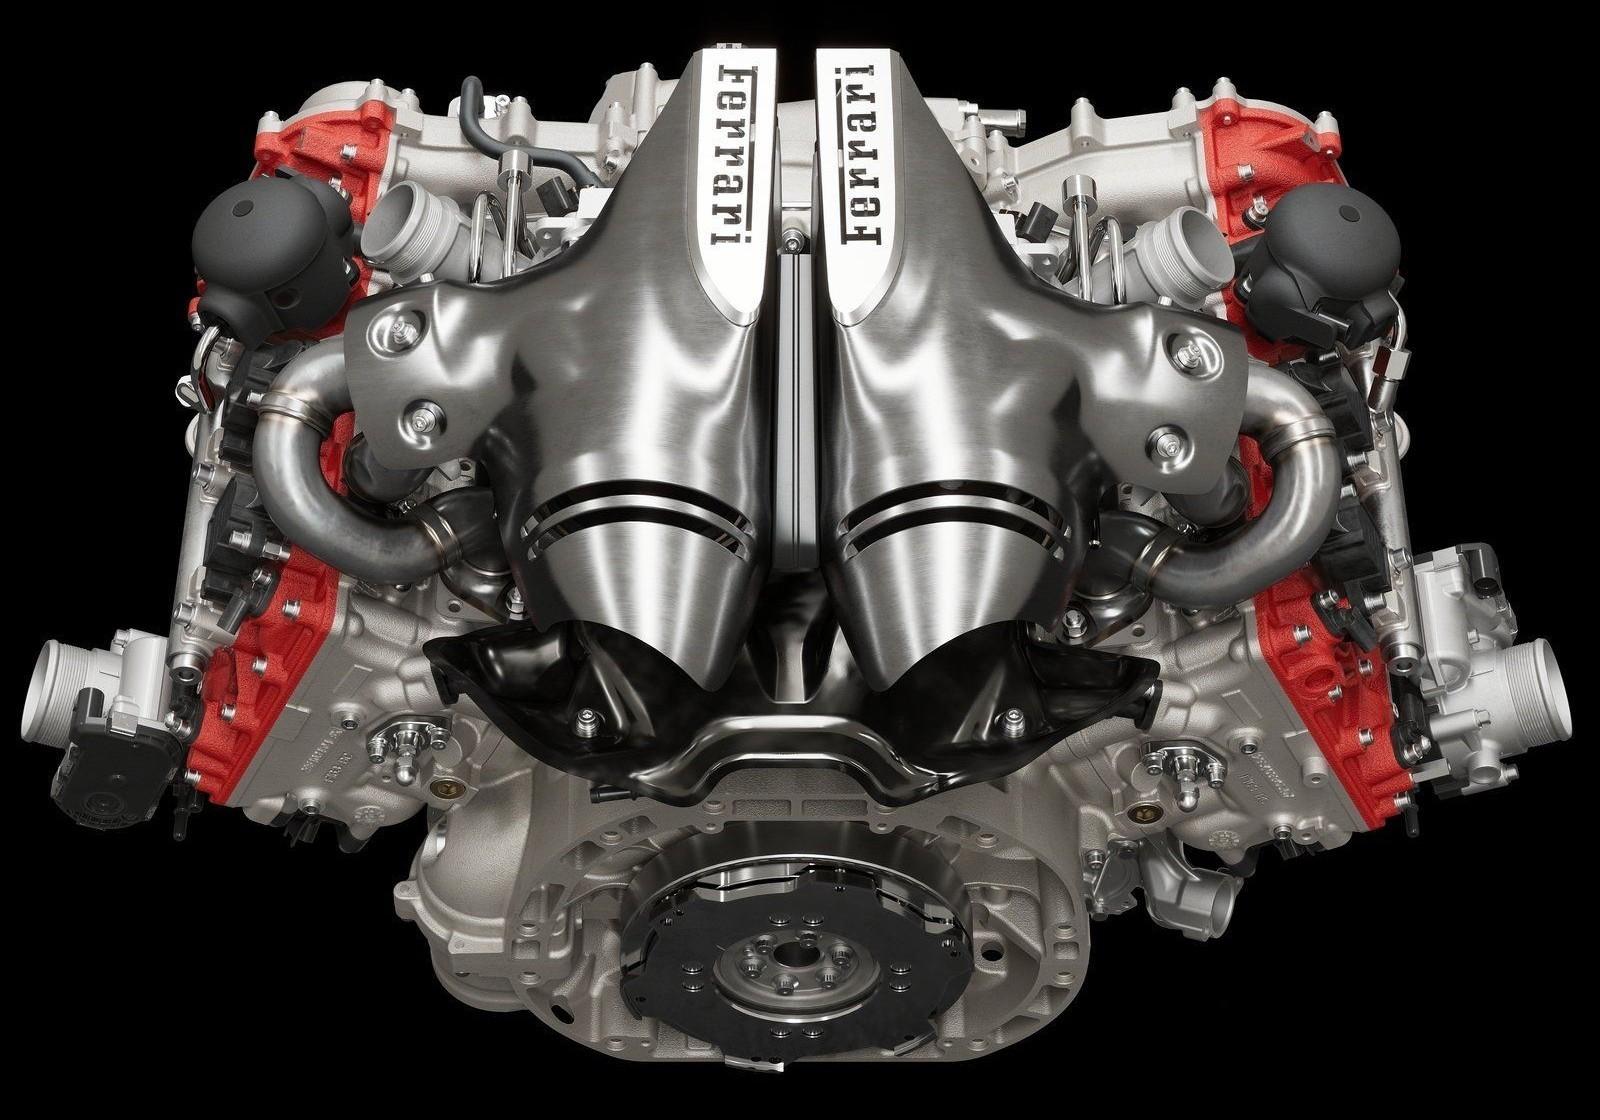 Когда 6 – это не мало: двигатели V6 там, где вы не ждете их увидеть